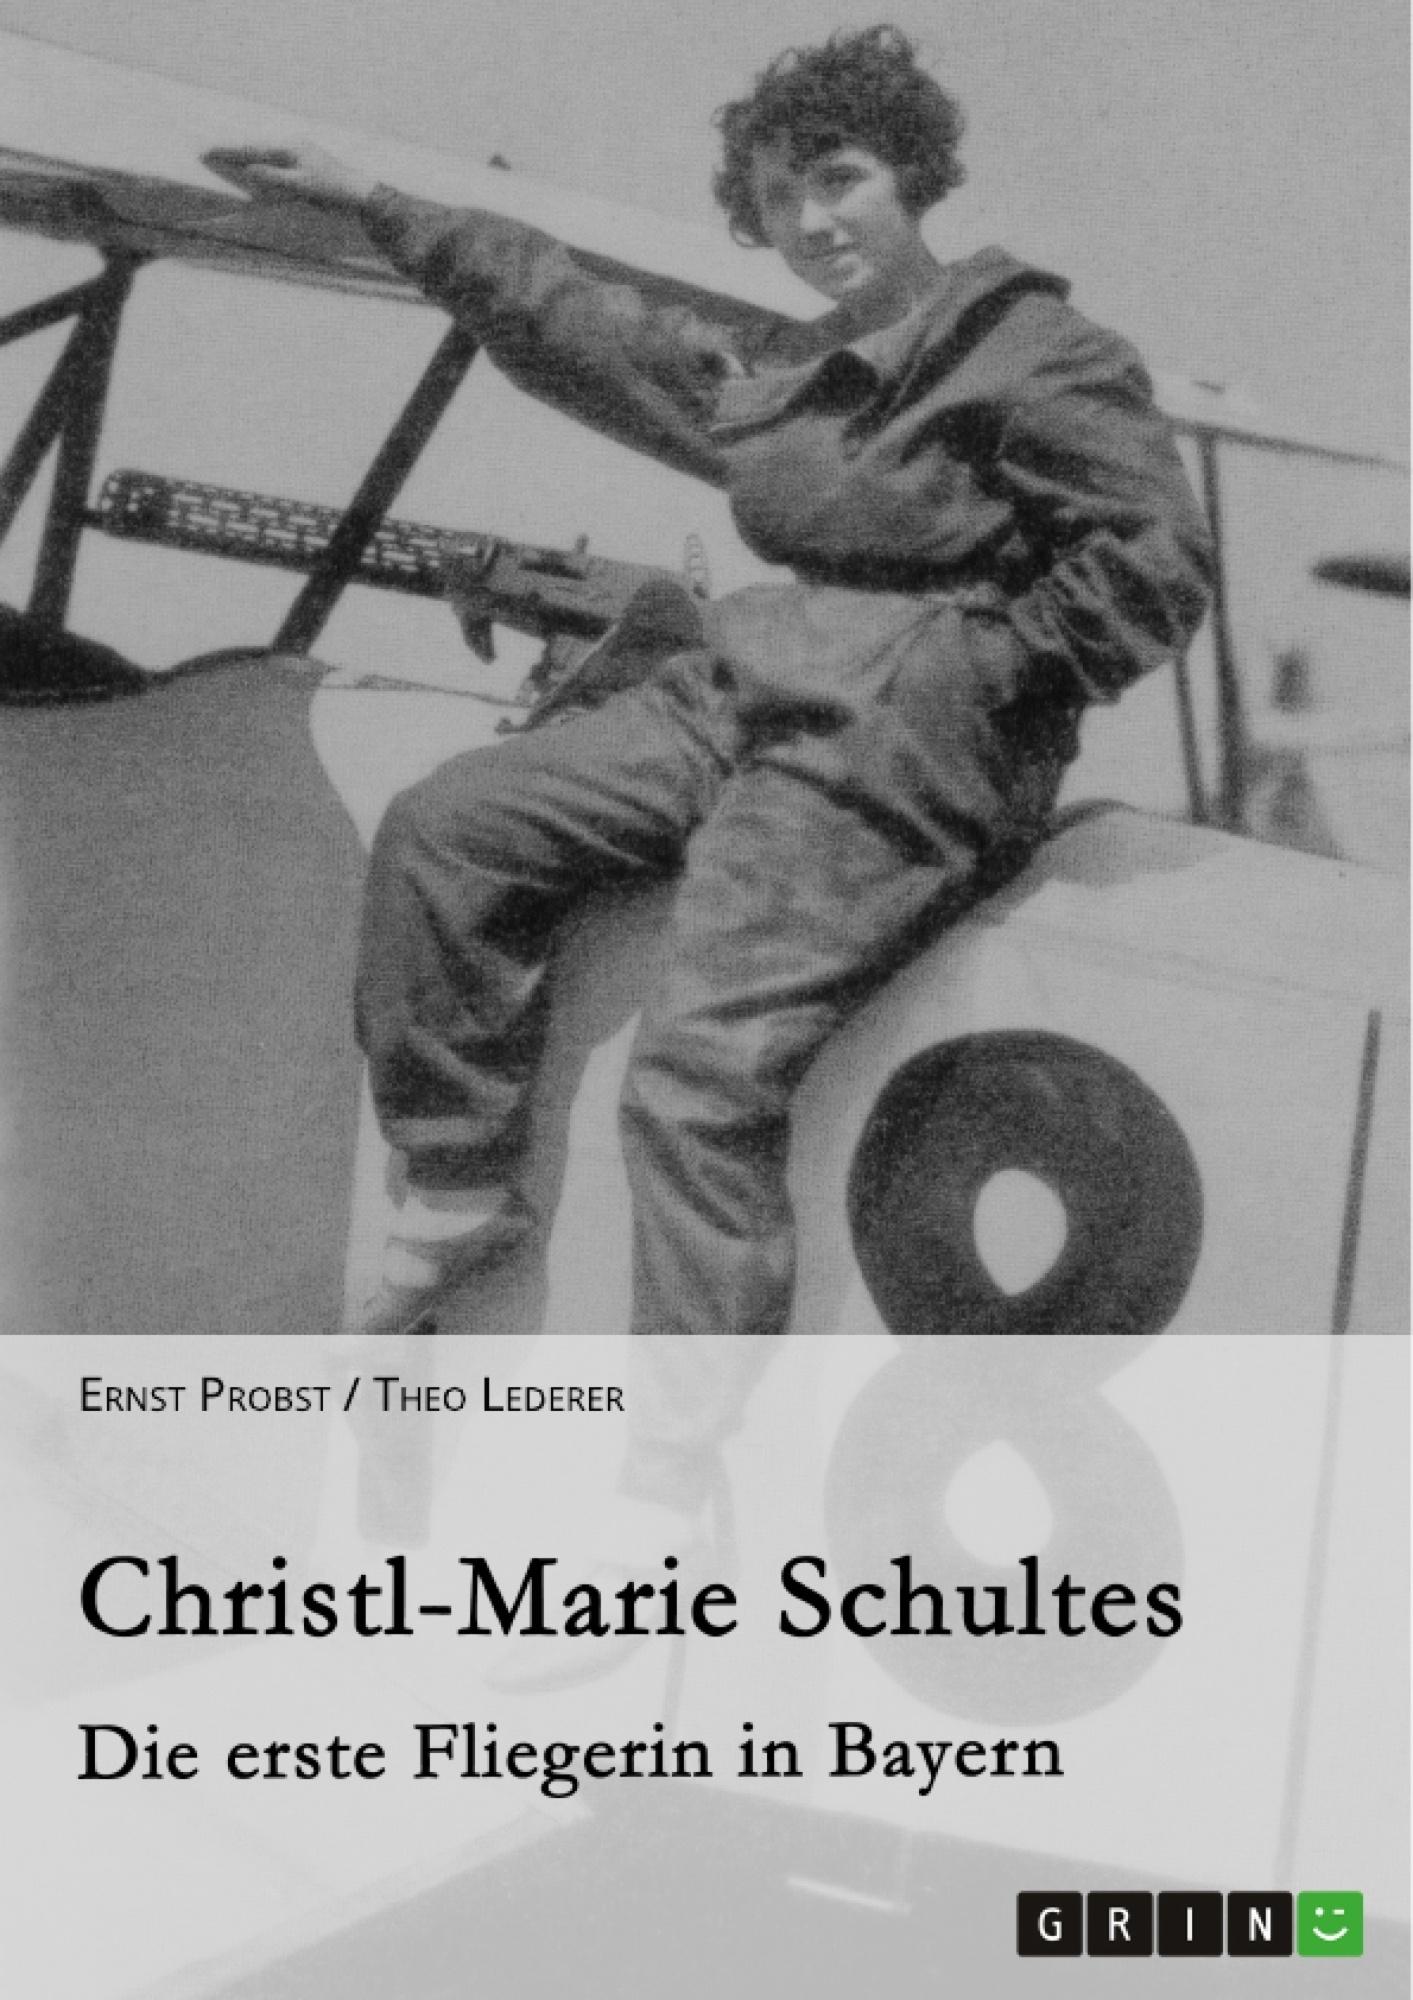 Titel: Christl-Marie Schultes - Die erste Fliegerin in Bayern